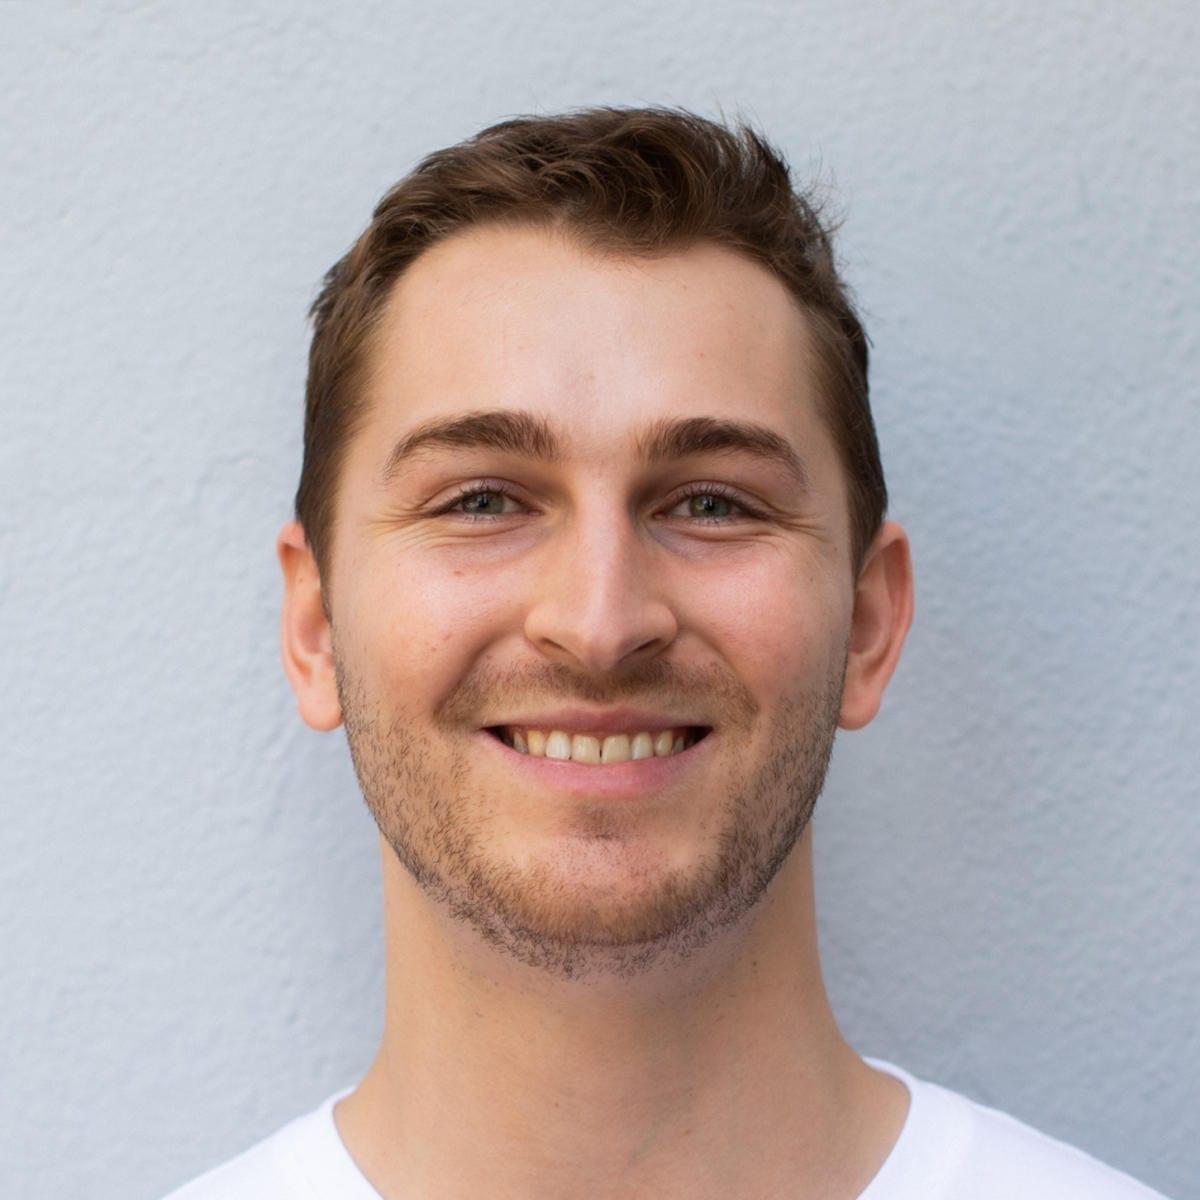 Member - Aidan Watt